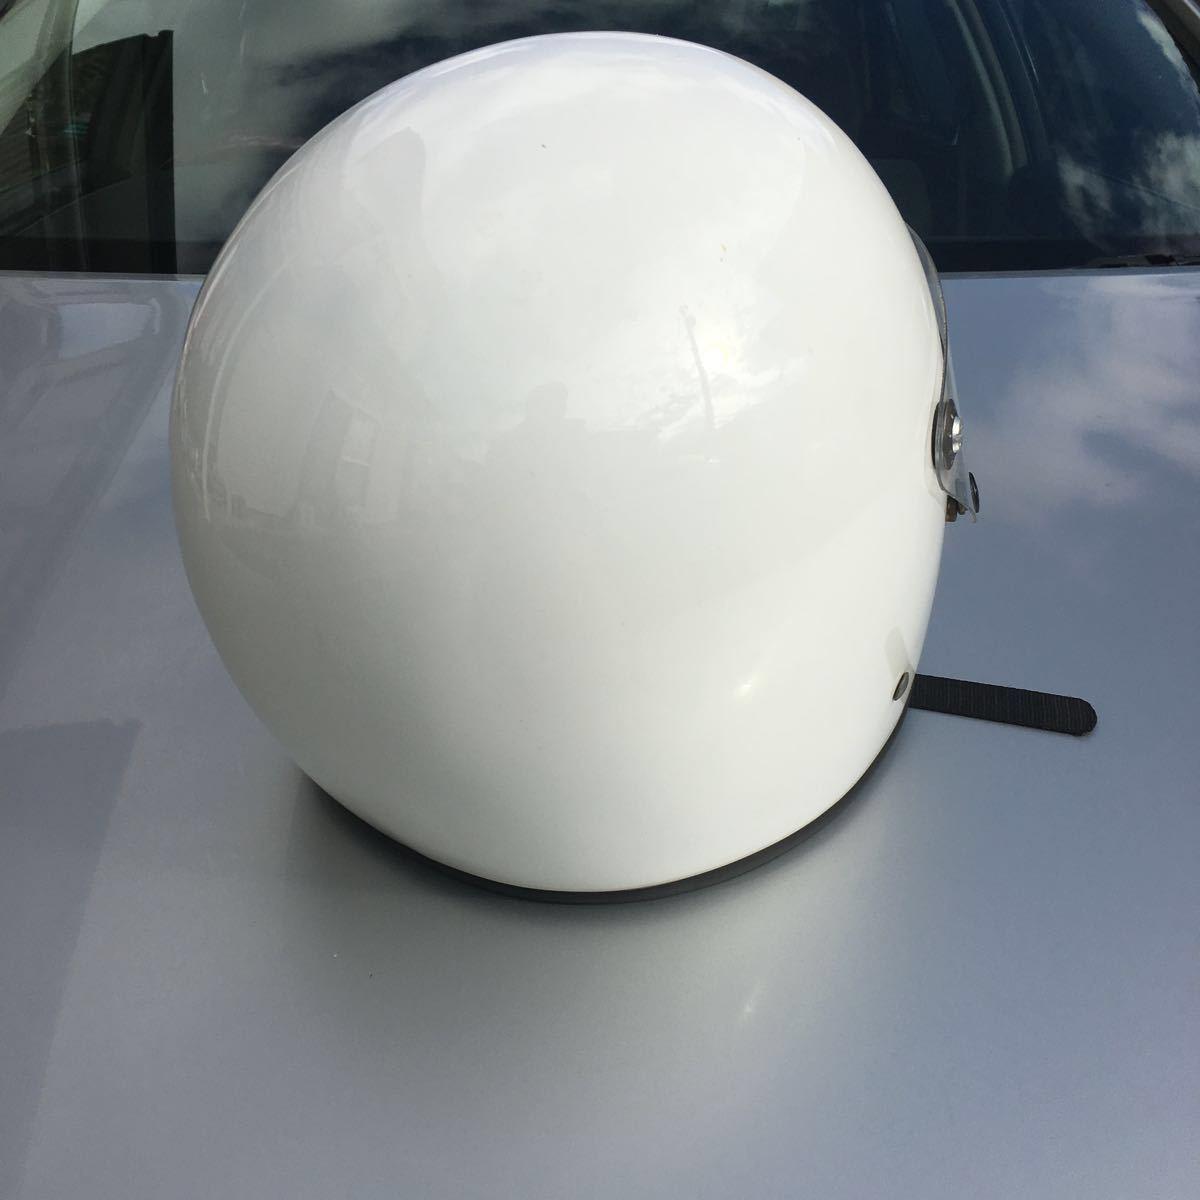 族ヘル 使用回数少 フルヘェイス ヘルメット / 初期 型 マッハ にて使用 / サイズは極端に小さく無いのでフリーサイズかな?_画像4